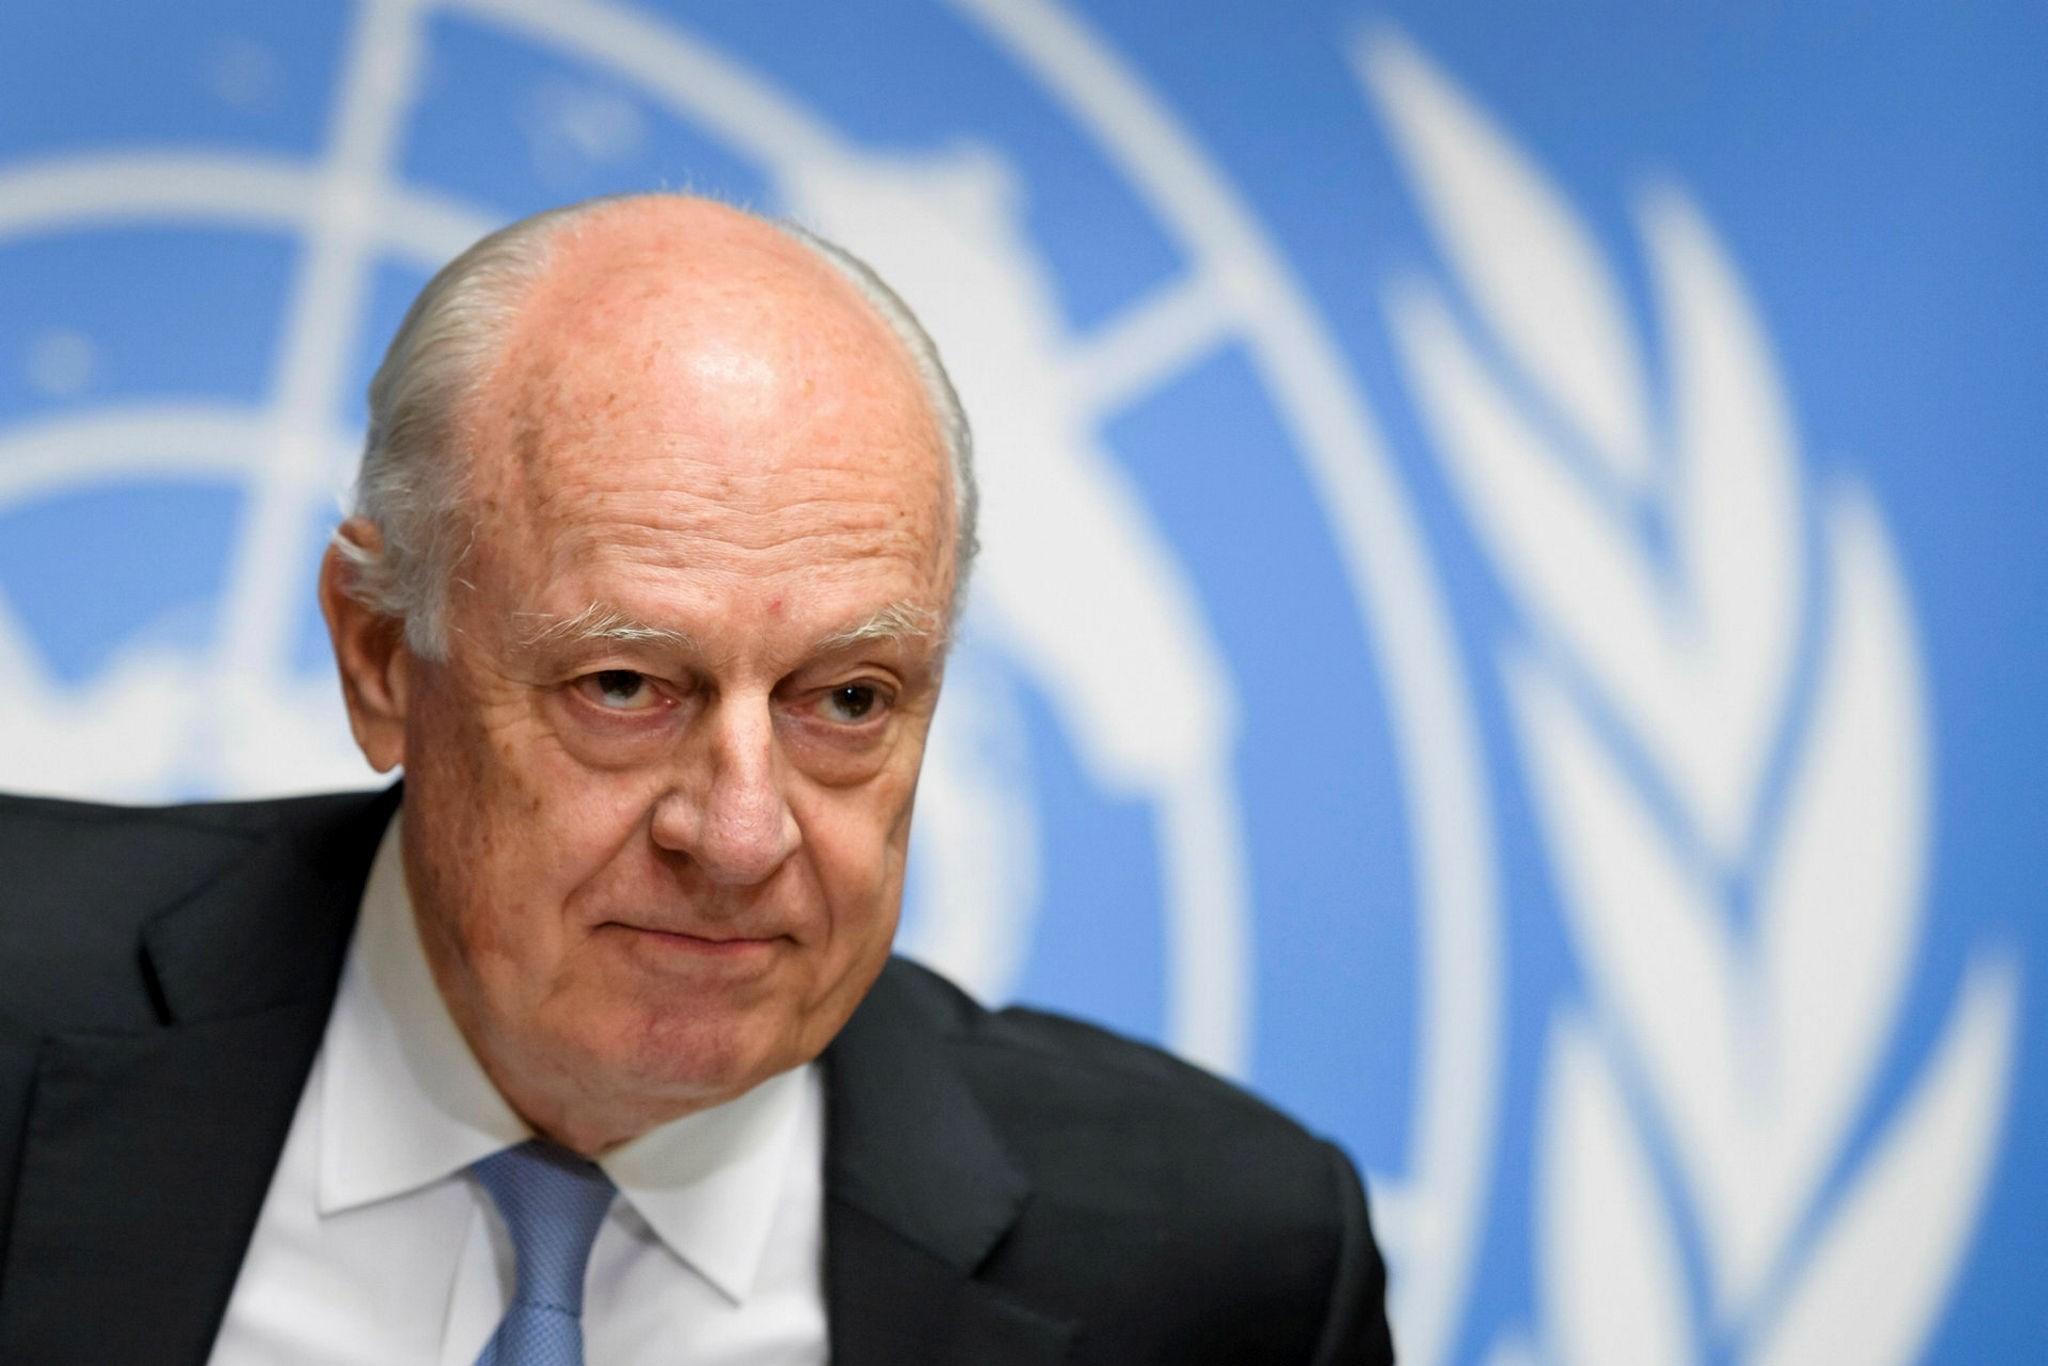 UN Special Envoy for Syria Staffan de Mistura (AFP Photo)